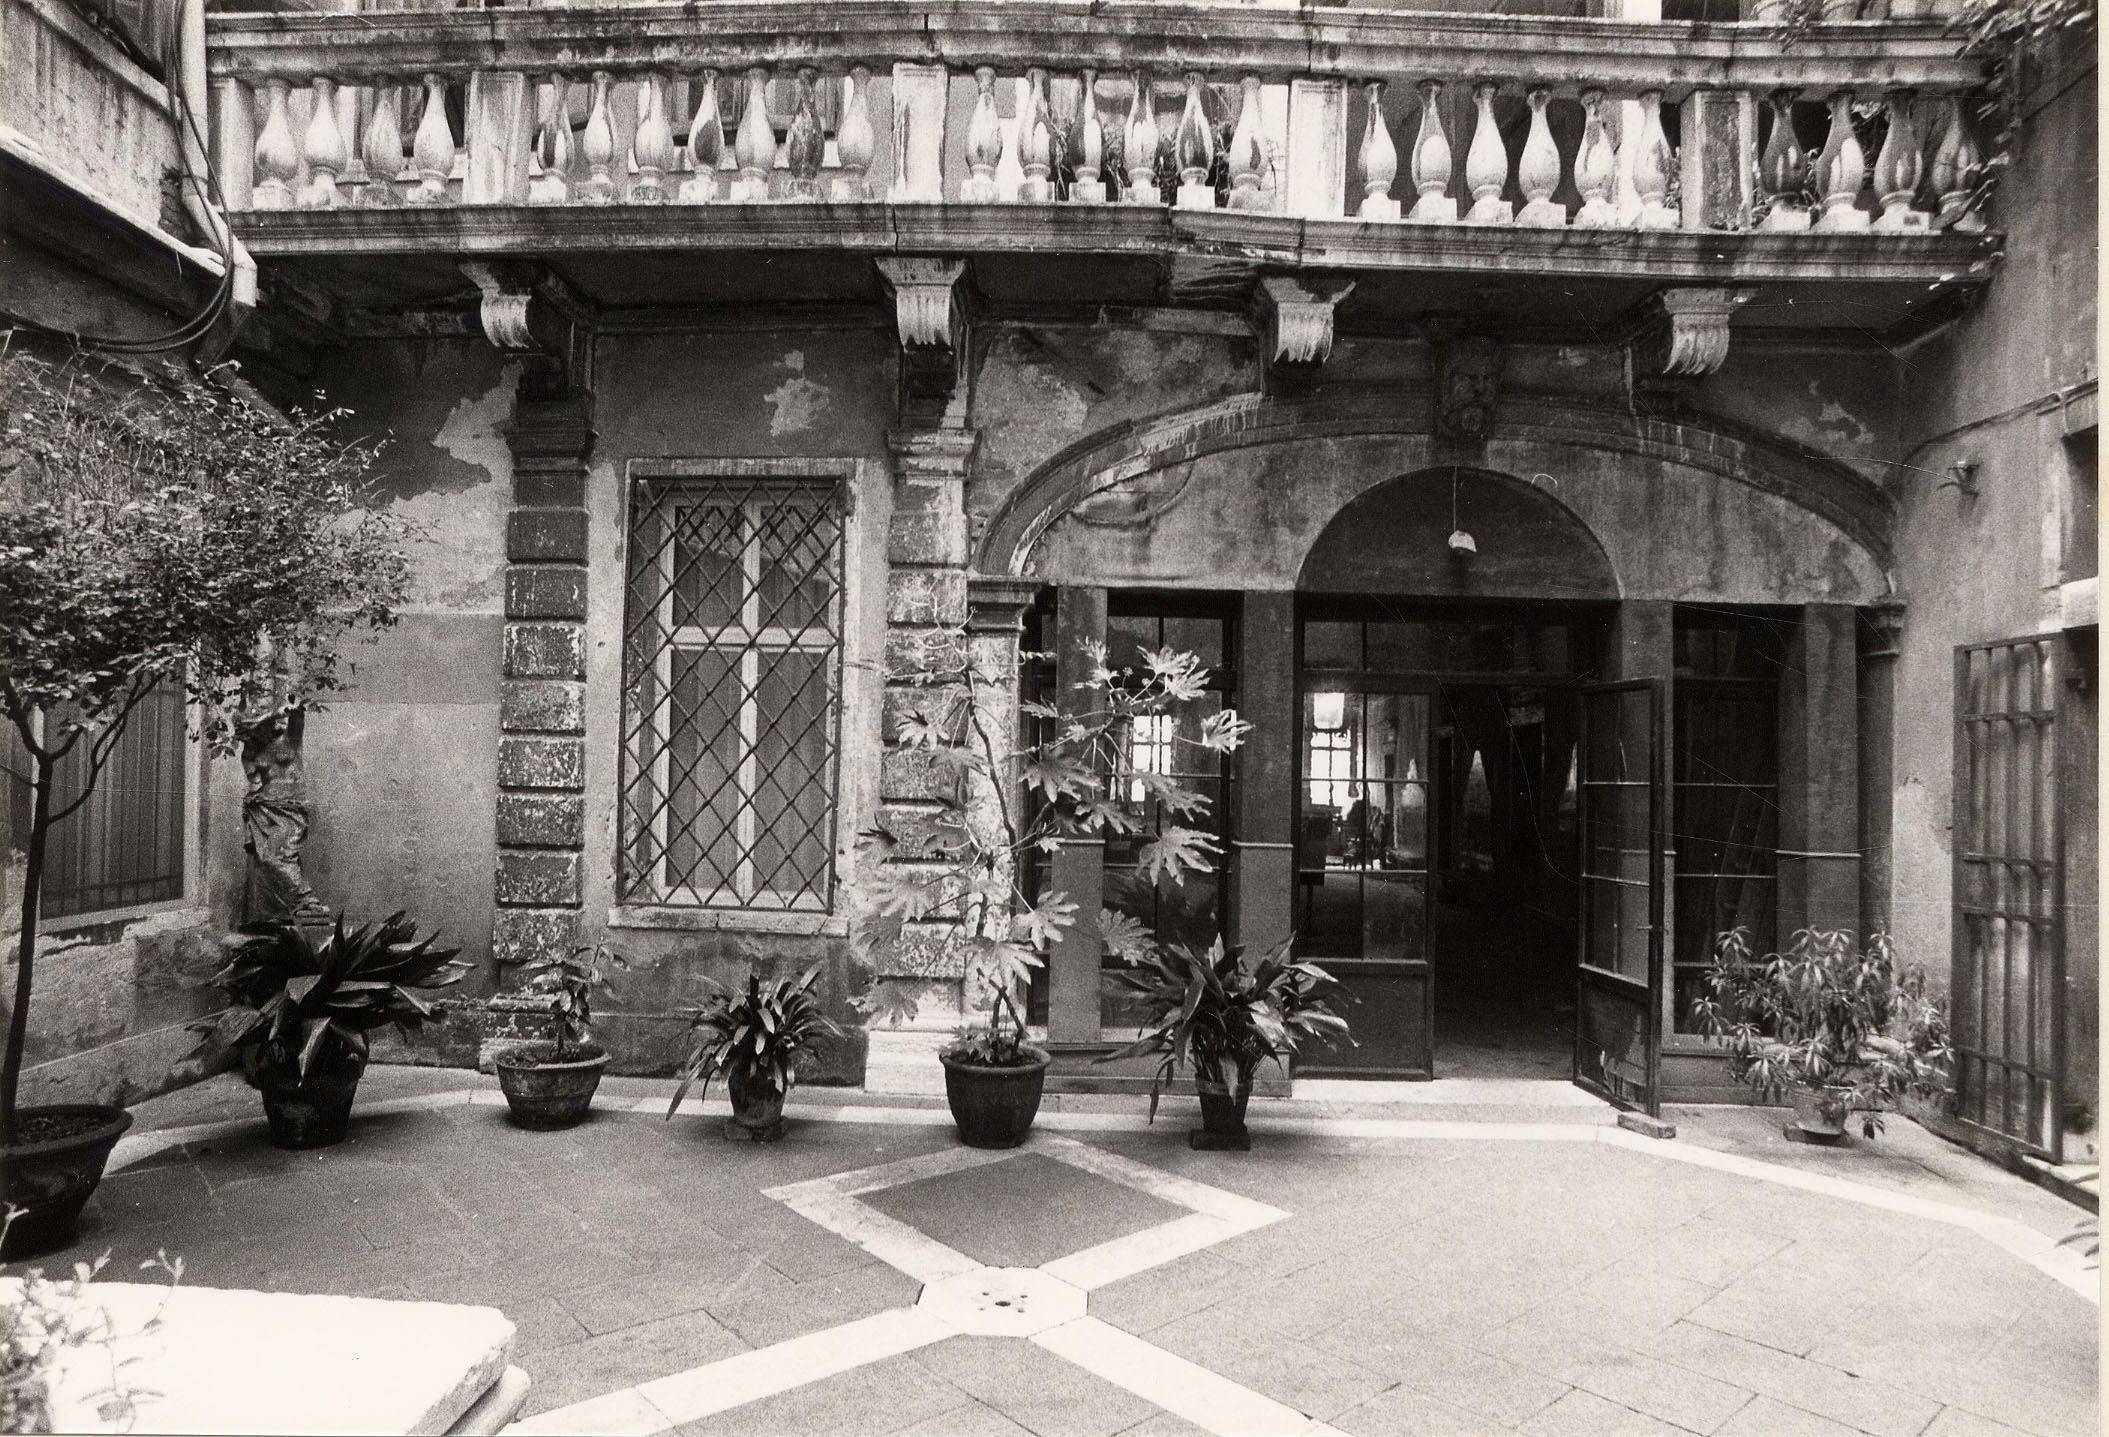 Quadri Fondazione Ugo e Olga Levi Palazzo Giustinian Lolin Pinterest